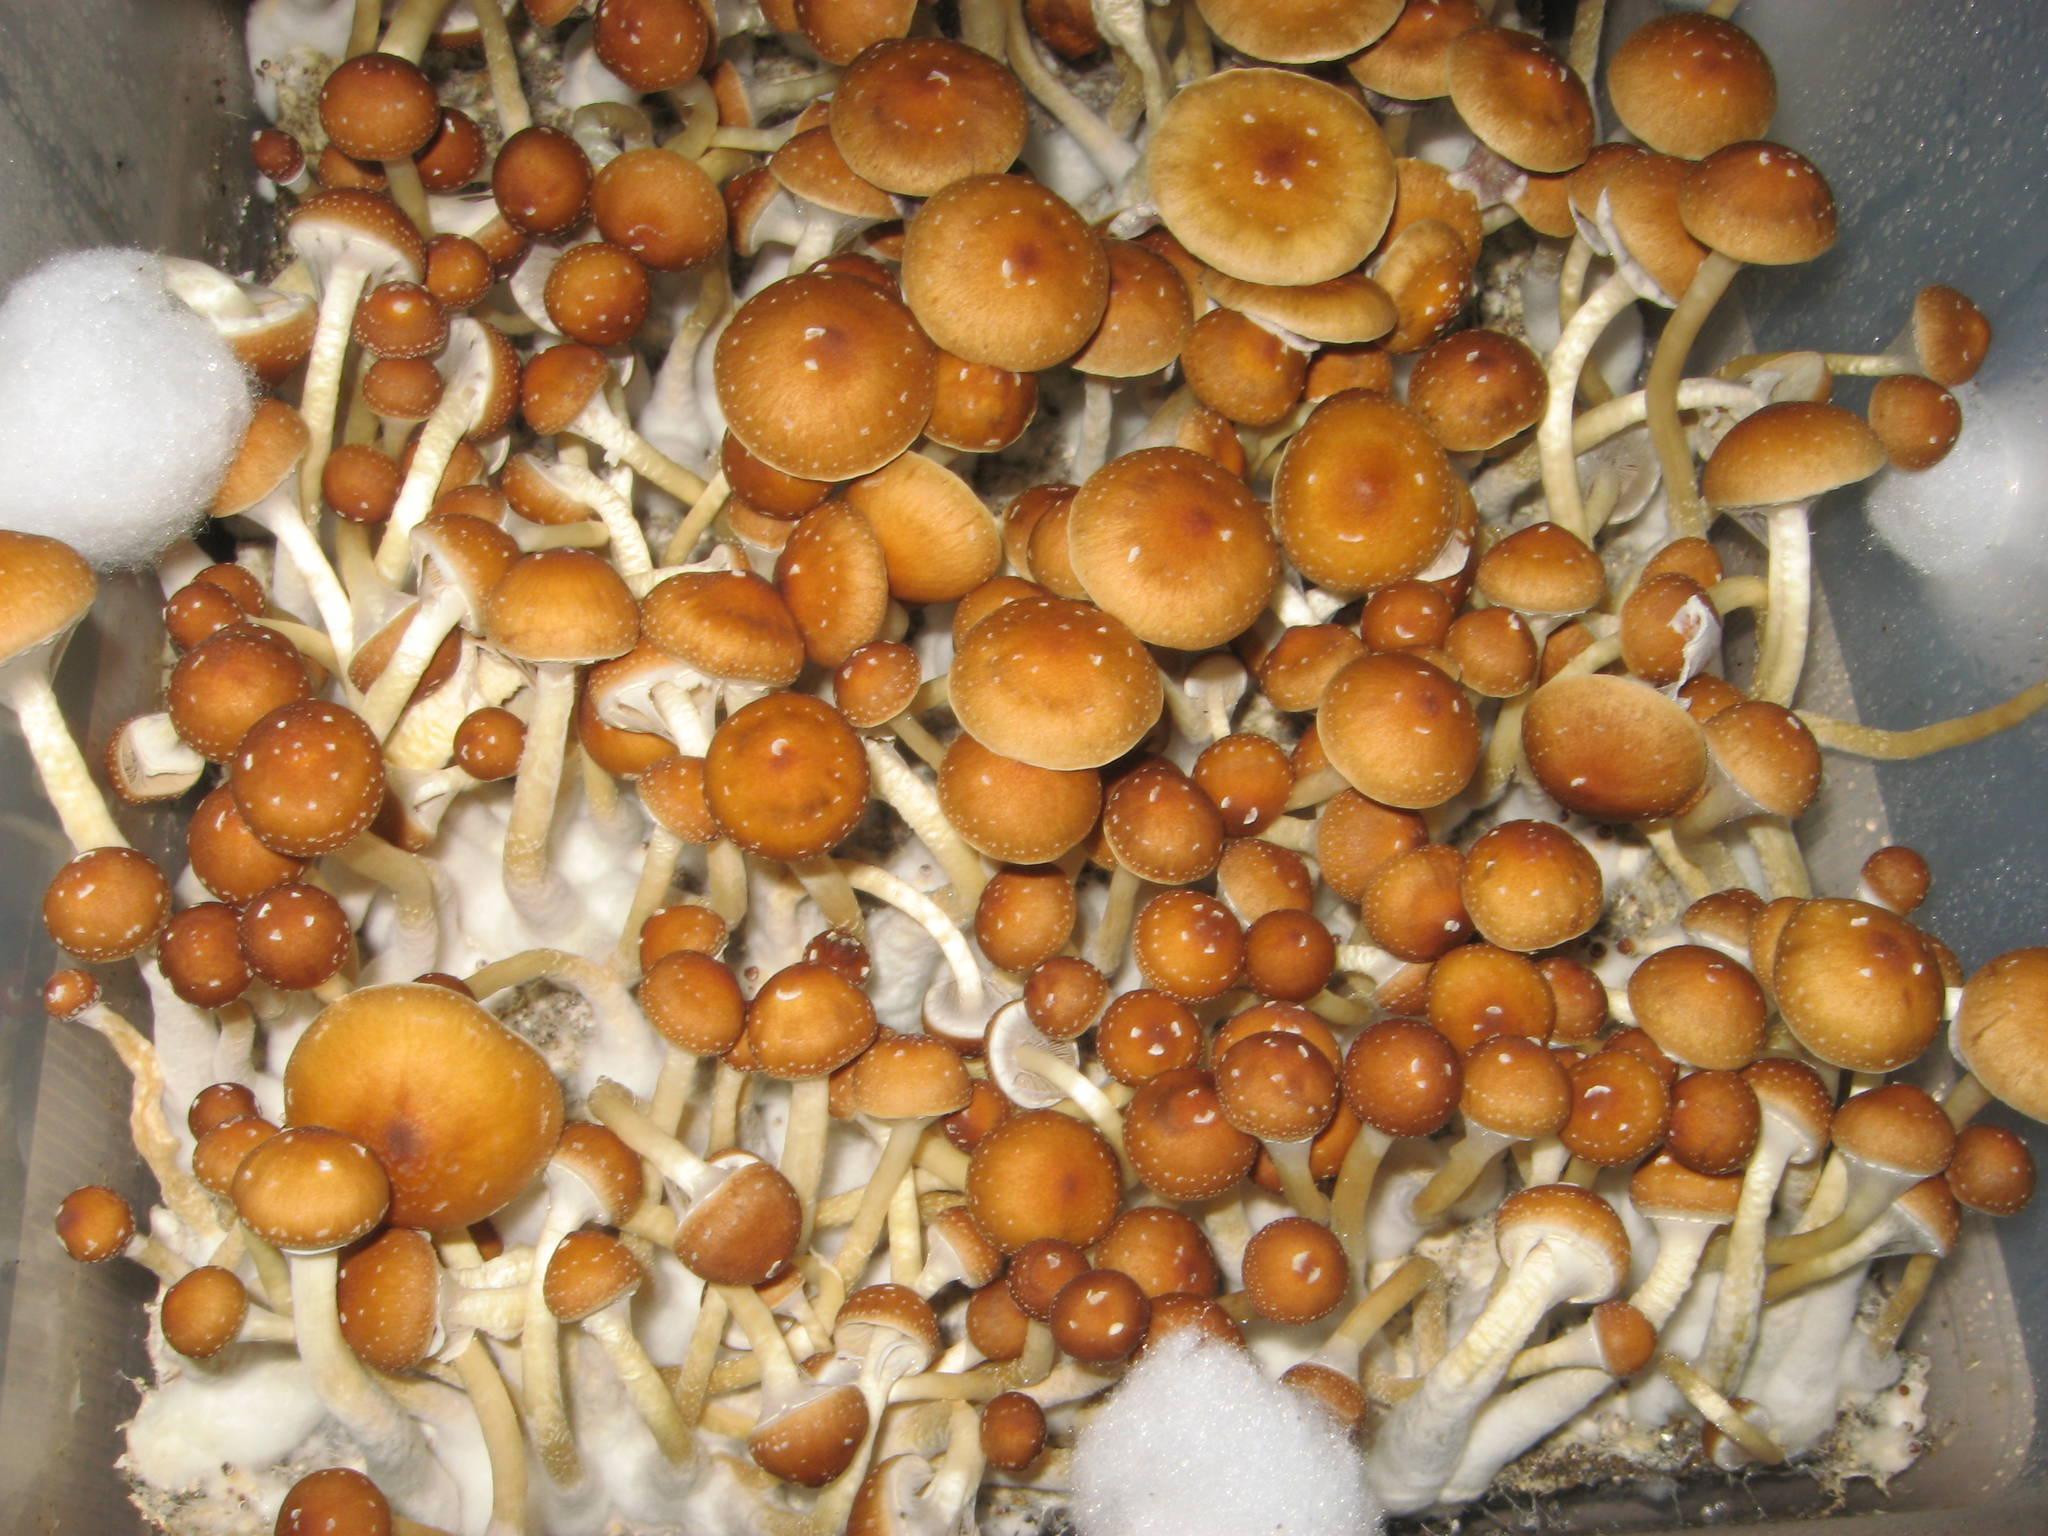 Bulk Grow 2 0 - 4 Golden Teacher Monotubs - Mushroom Cultivation